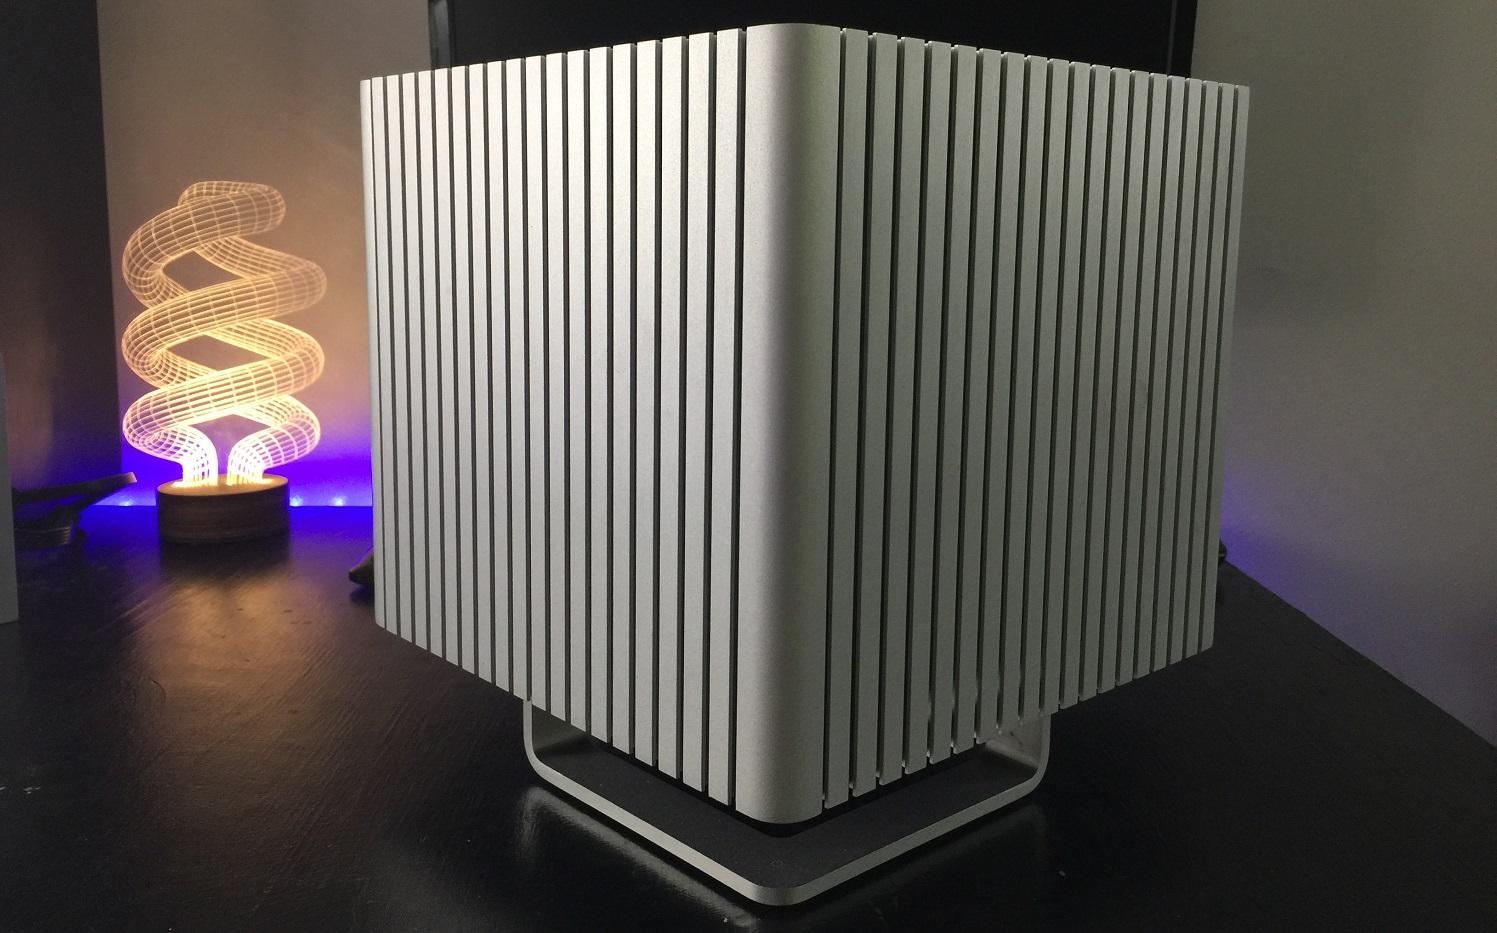 The Quietest Mac Ever